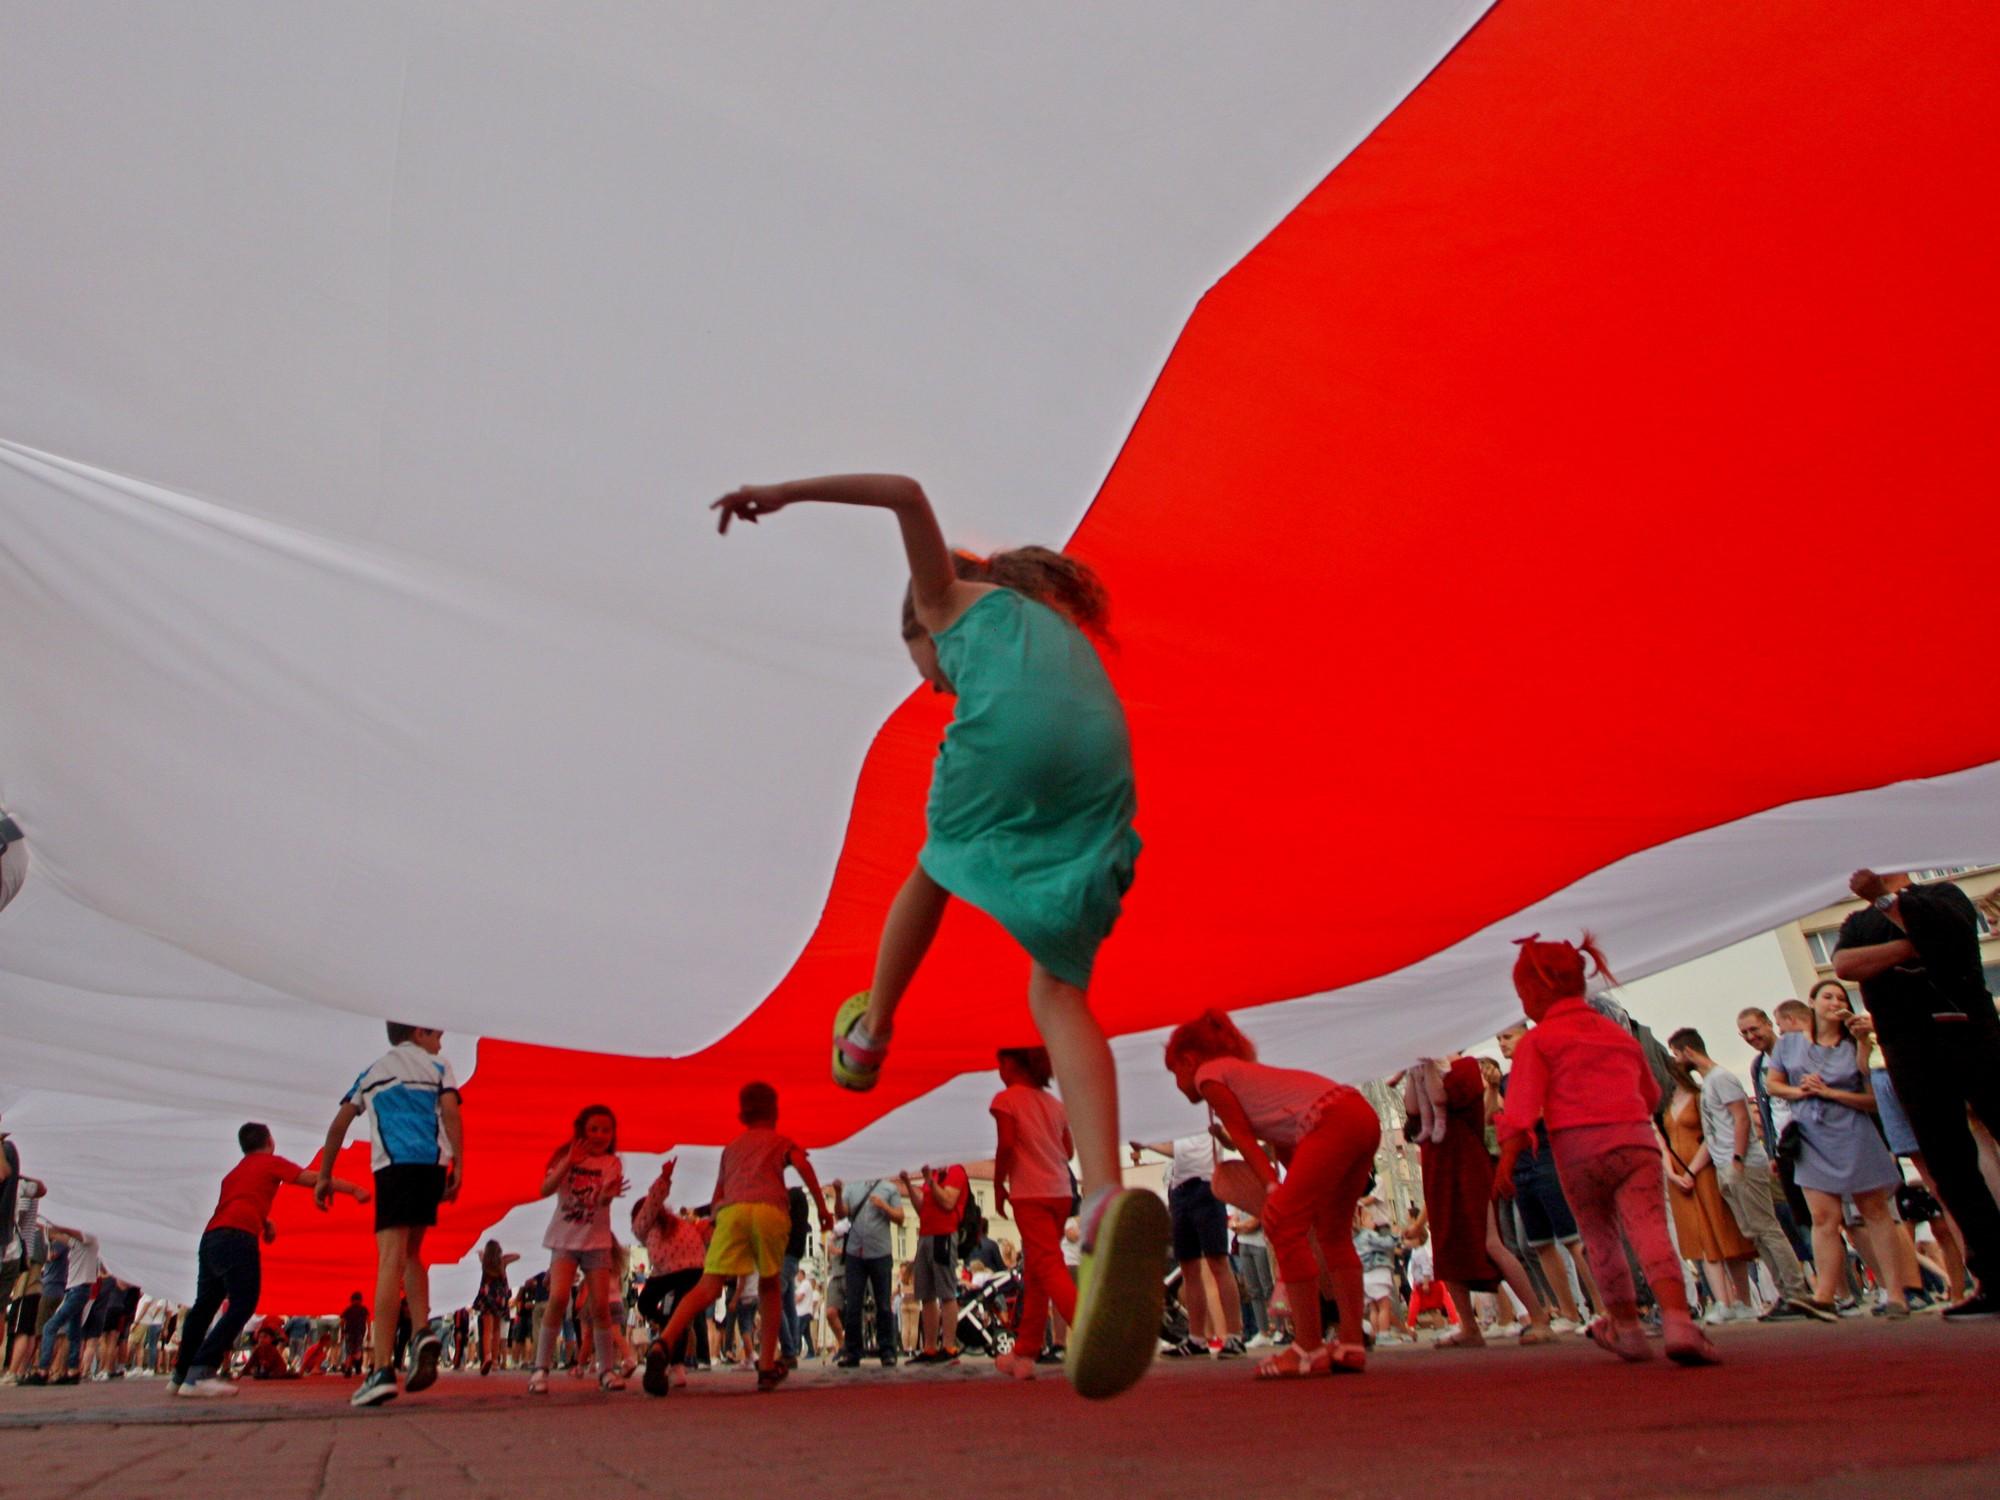 Weiß-rot-weiße Flagge - Symbol des Belarus vor Lukaschenko. Minsk, August 2020.